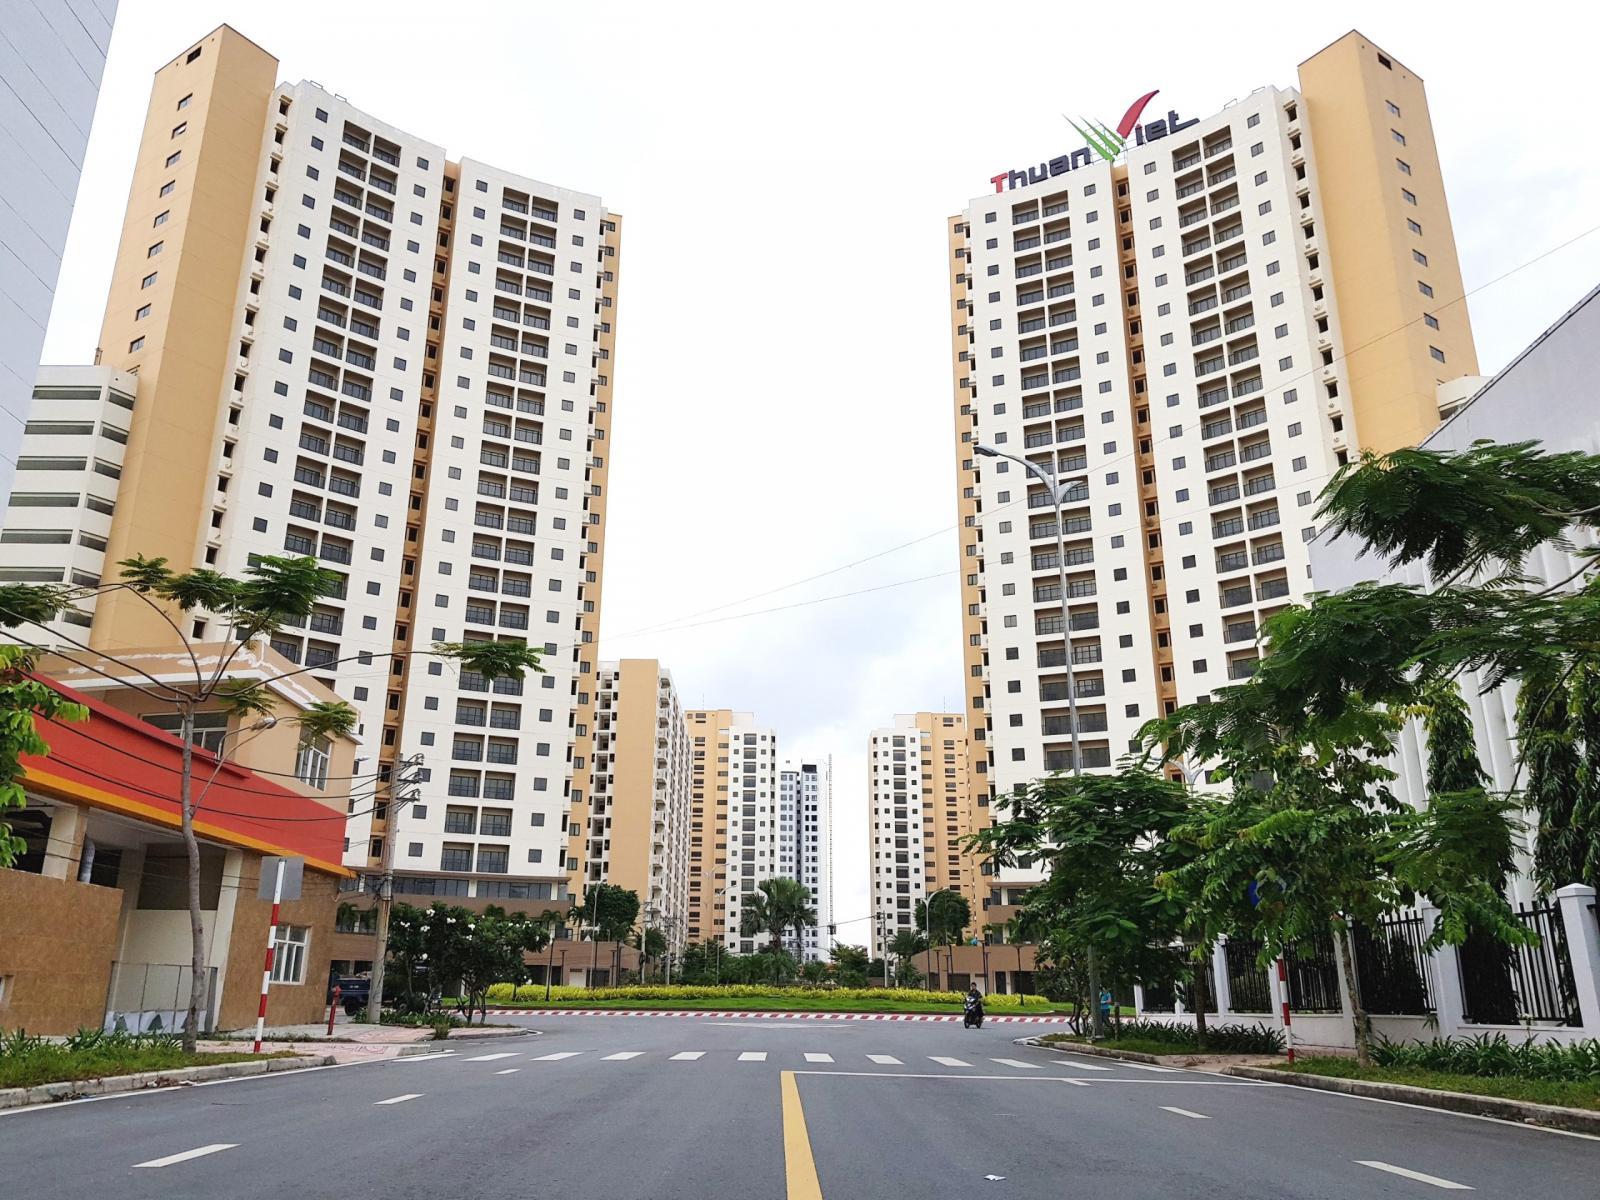 Khu dự án nhà giá rẻ gồm nhiều tòa nhà cao tầng màu trắng - vàng, bên dưới  là đường và nhiều cây xanh.